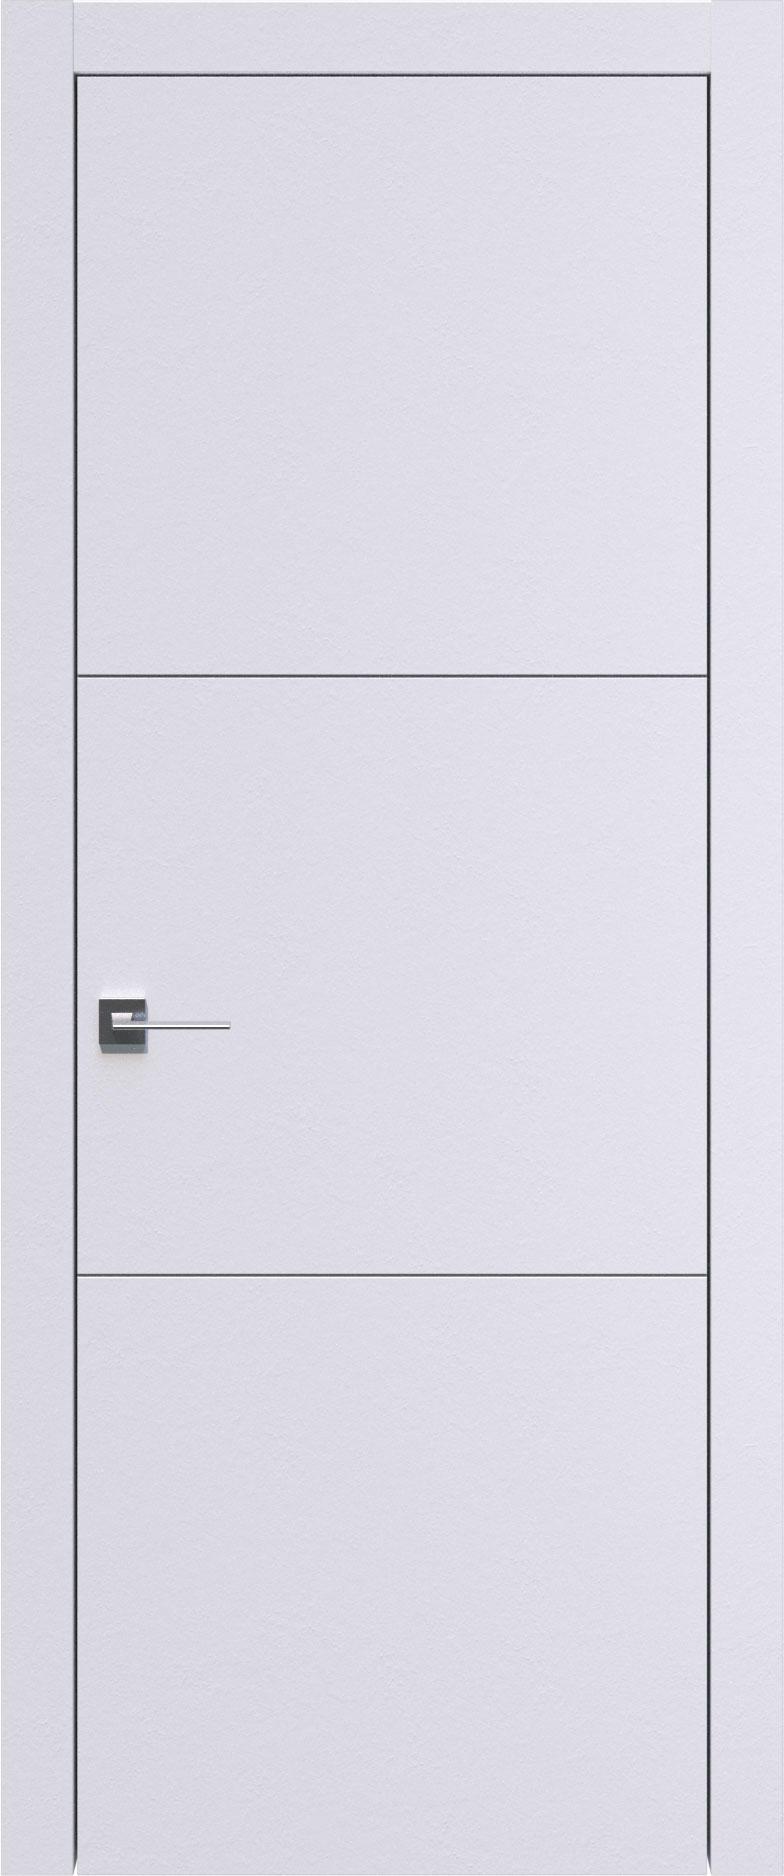 Tivoli В-3 цвет - Арктик белый Без стекла (ДГ)